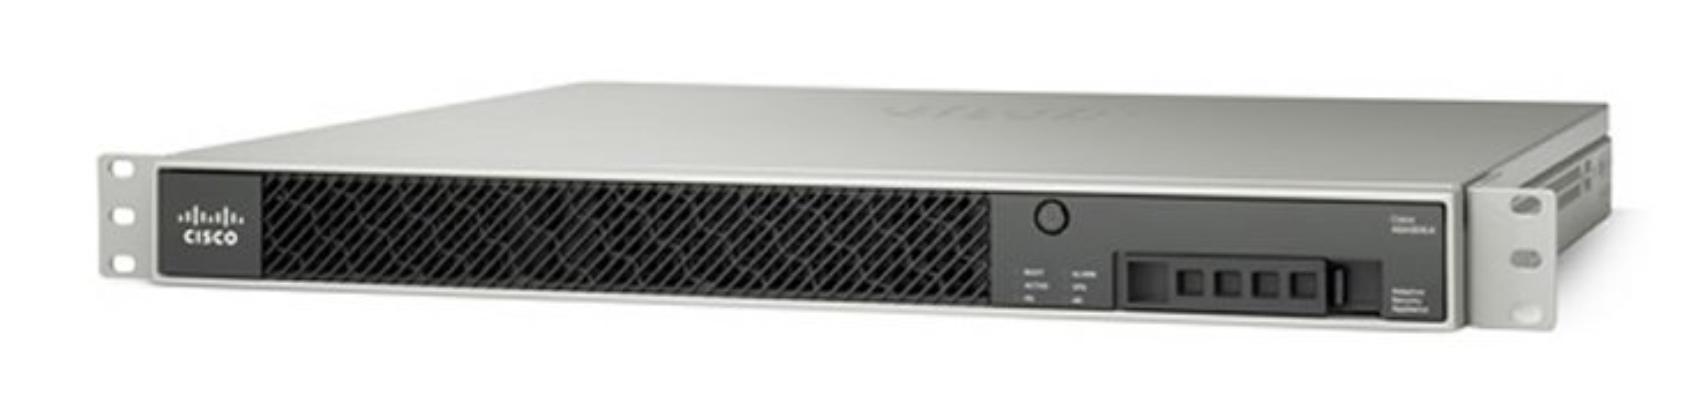 Cisco ASA 5512-X 1U 300Mbit/s hardware firewall